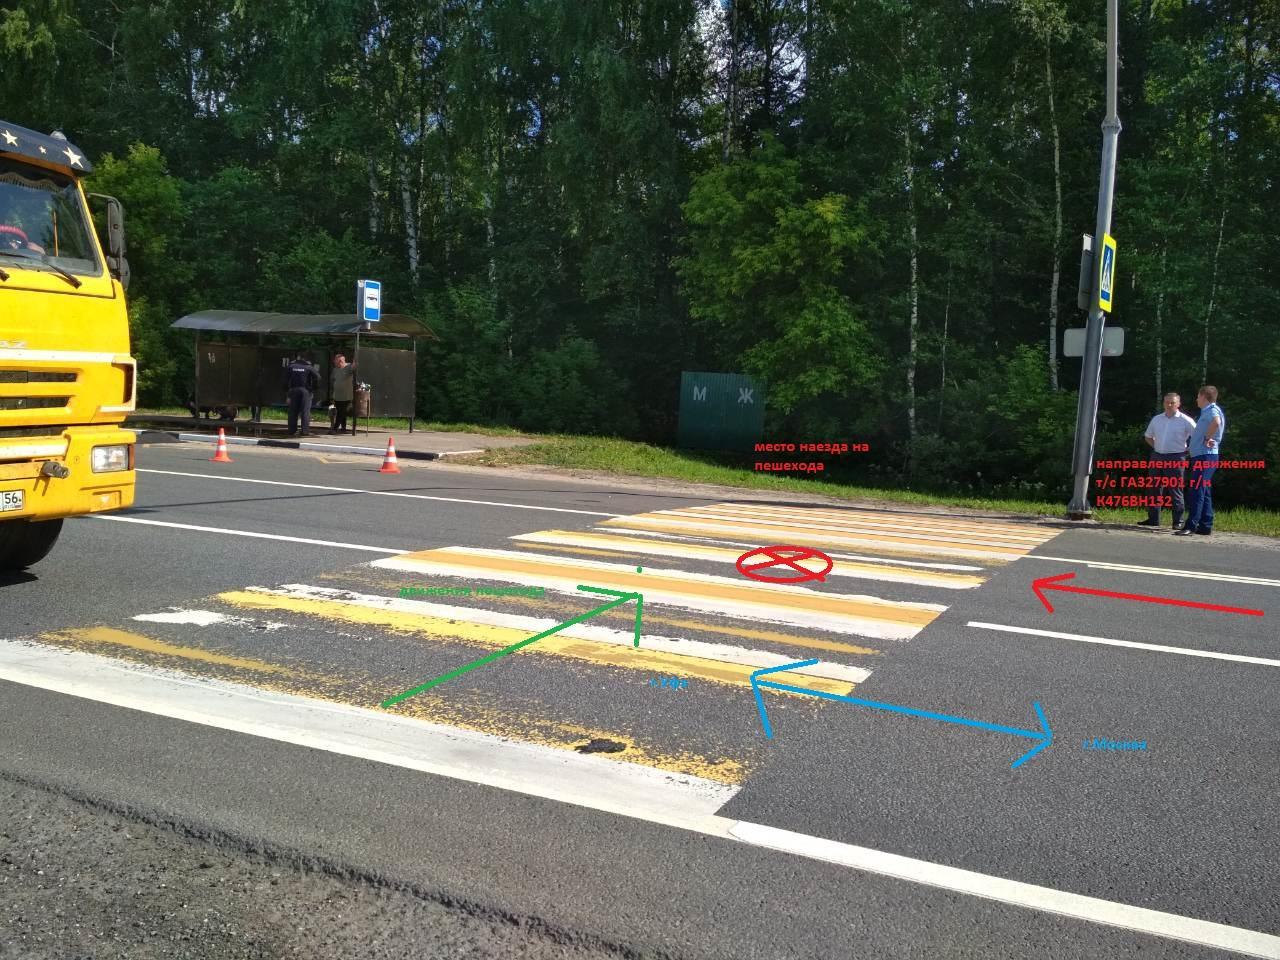 Ребенок погиб в ДТП на пешеходном переходе в Воротынском районе Нижегородской области